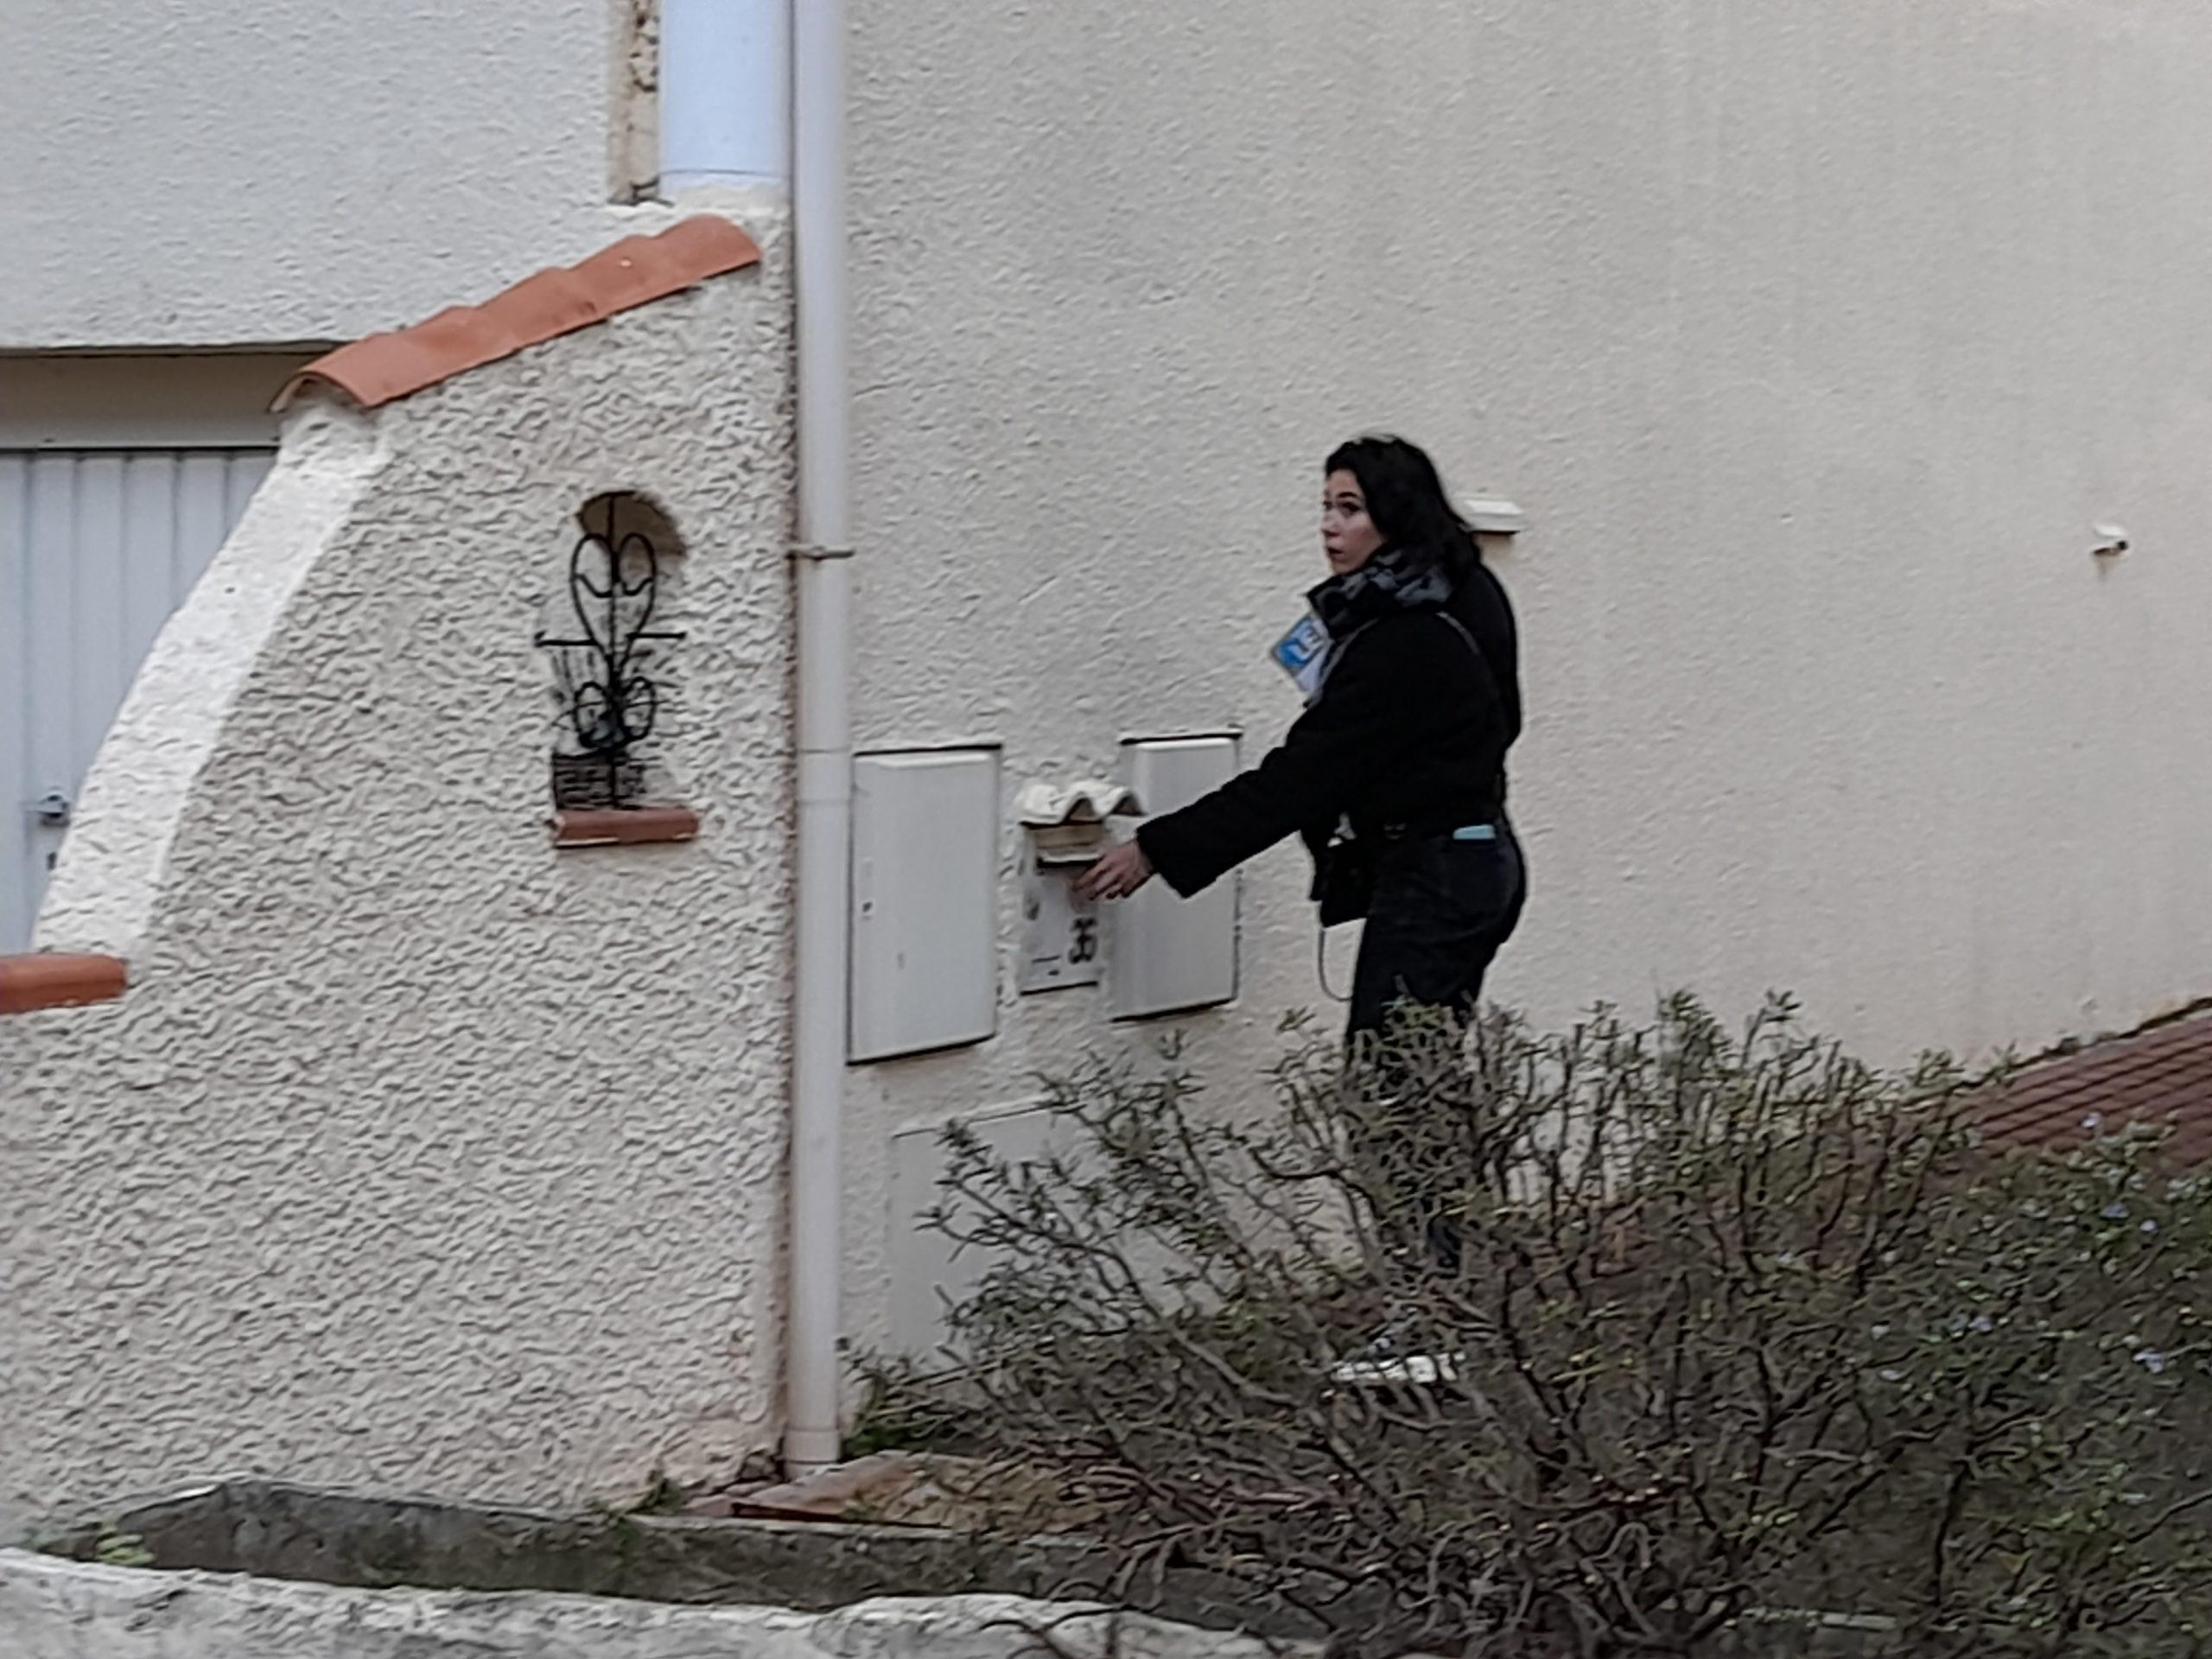 hôtesse en distribution de boites aux lettres dans un lotissement de Marseille